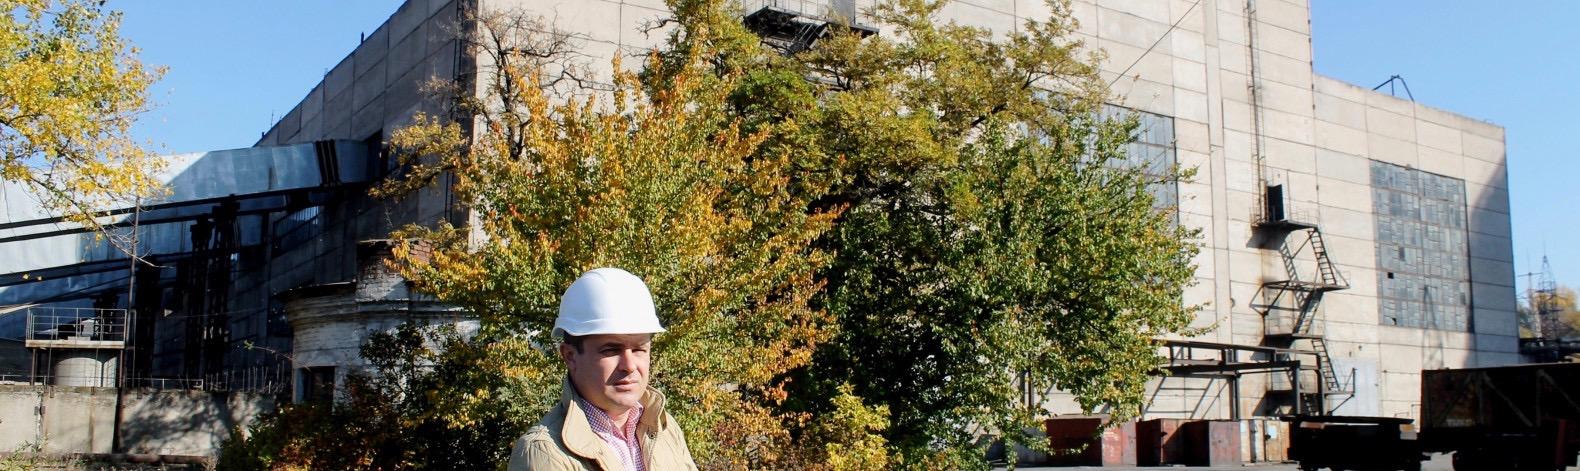 Гендиректор ООО «Краматорсктеплоэнерго» о запуске отопительного сезона